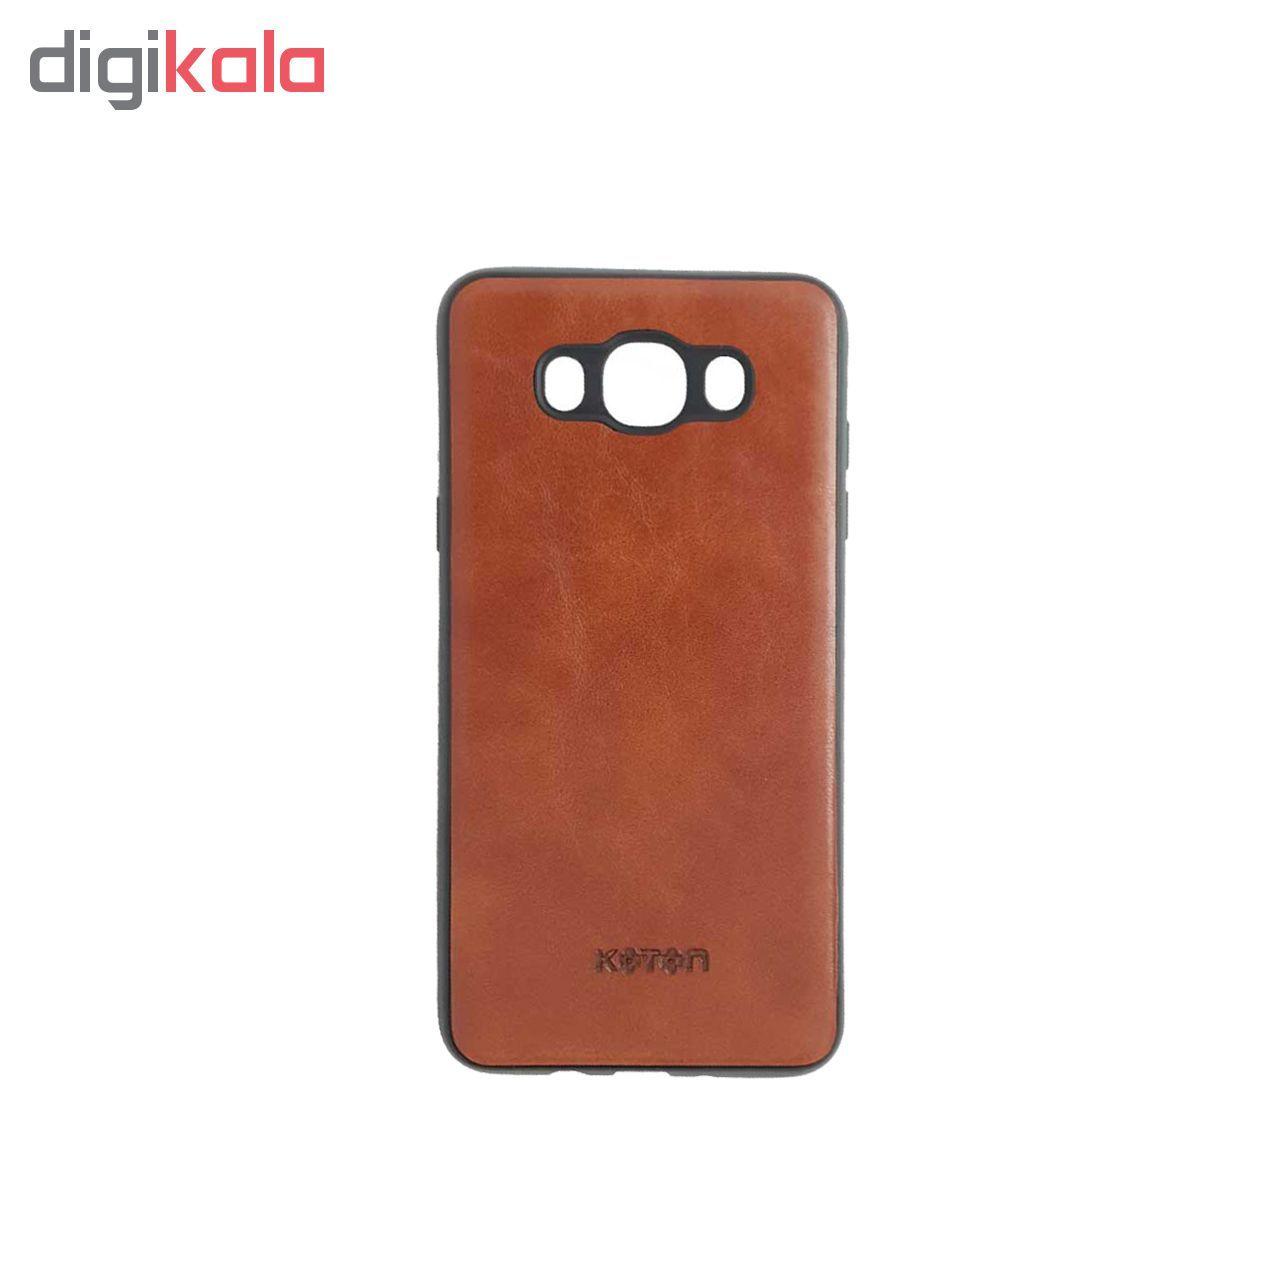 کاور ایبیزا  مدل K-25 مناسب برای گوشی موبایل سامسونگ Galaxy J7 Core main 1 3